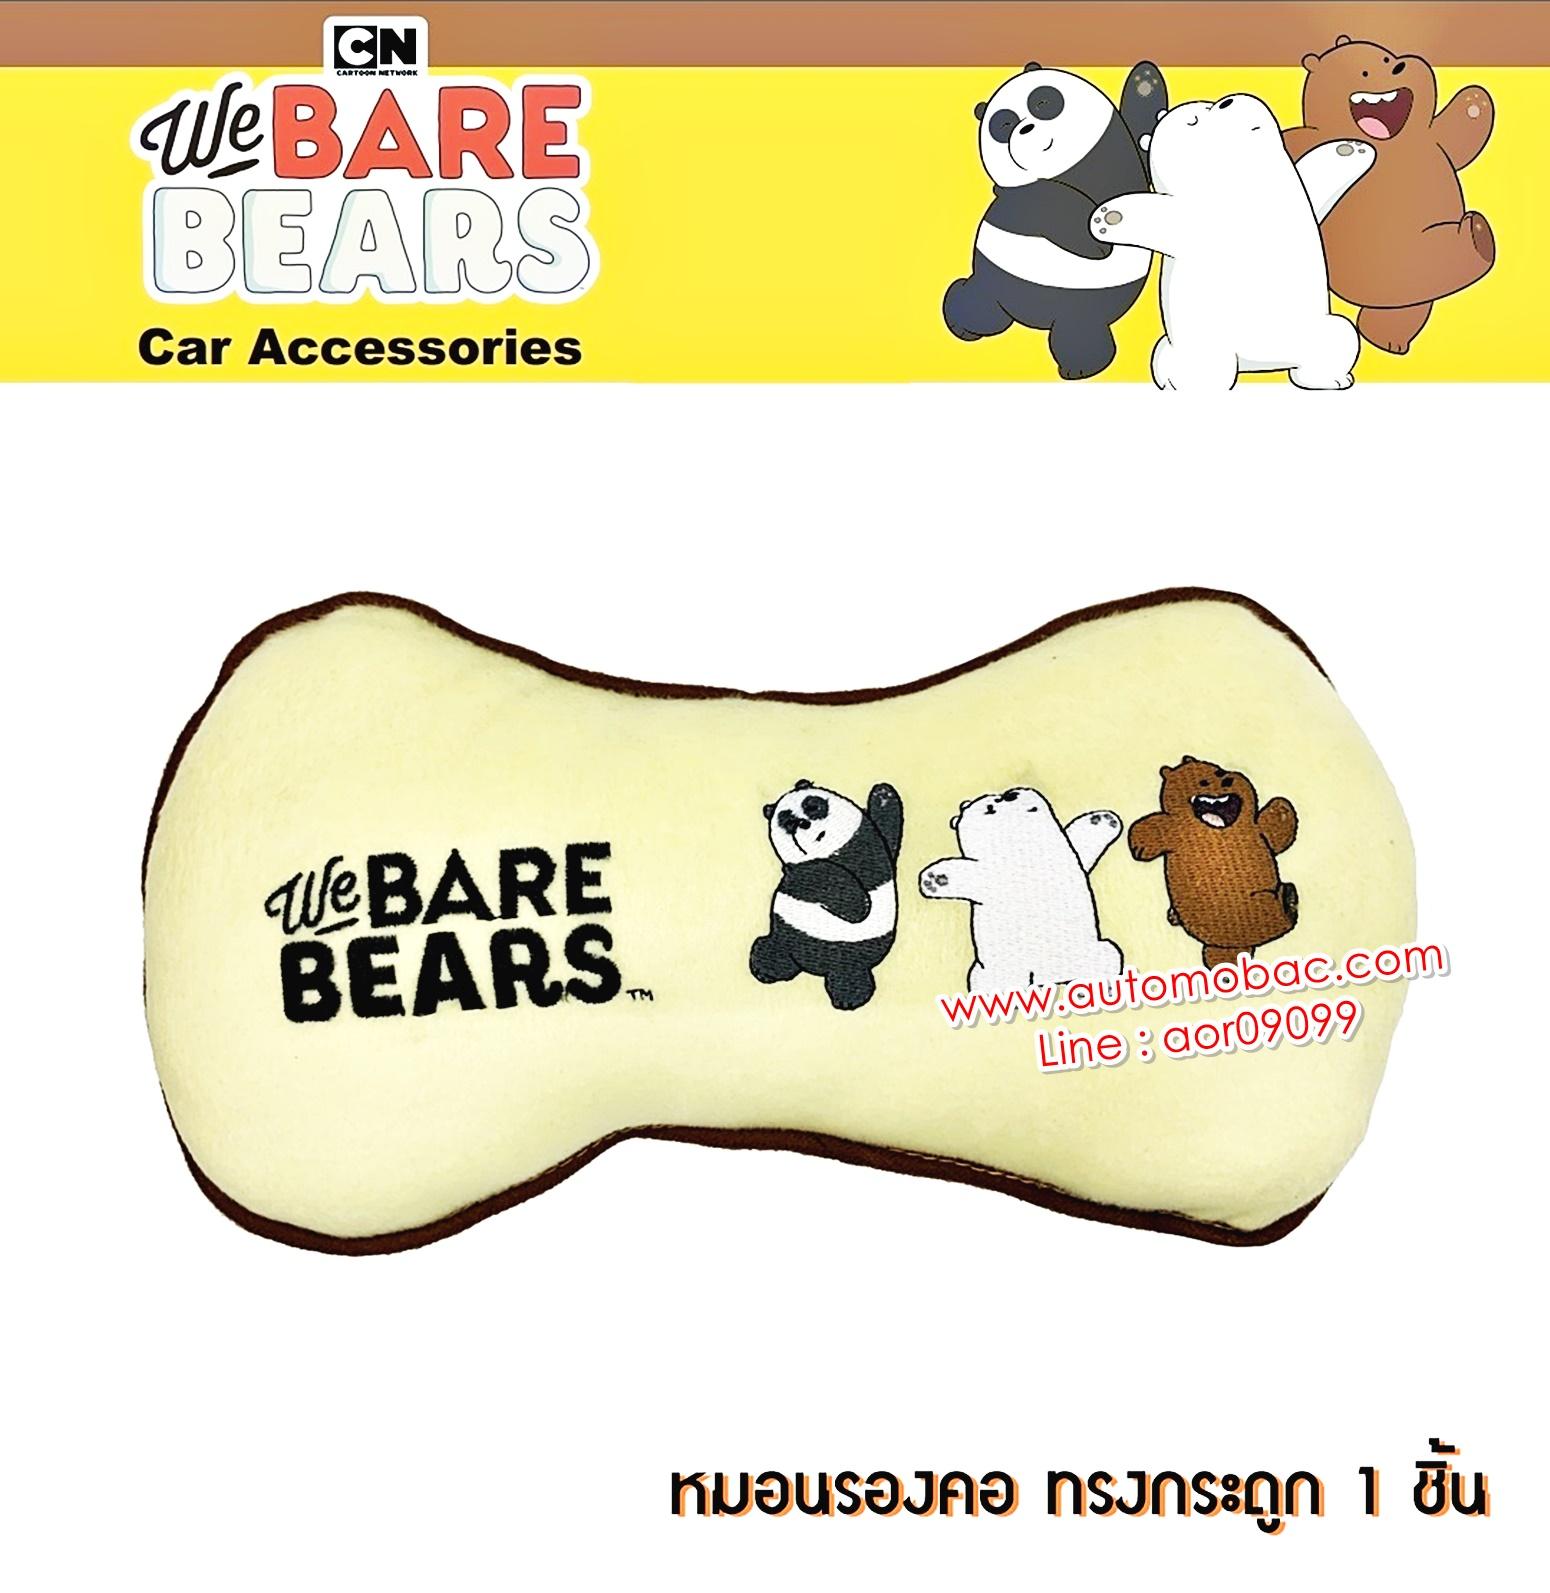 We Bare Bears หมอนรองคอ ทรงกระดูก 1 ใบ งานผ้าผสมหนัง ขนาด 28 x16cm. สำหรับหนุนคอ ลดอาการปวดเมื่อย